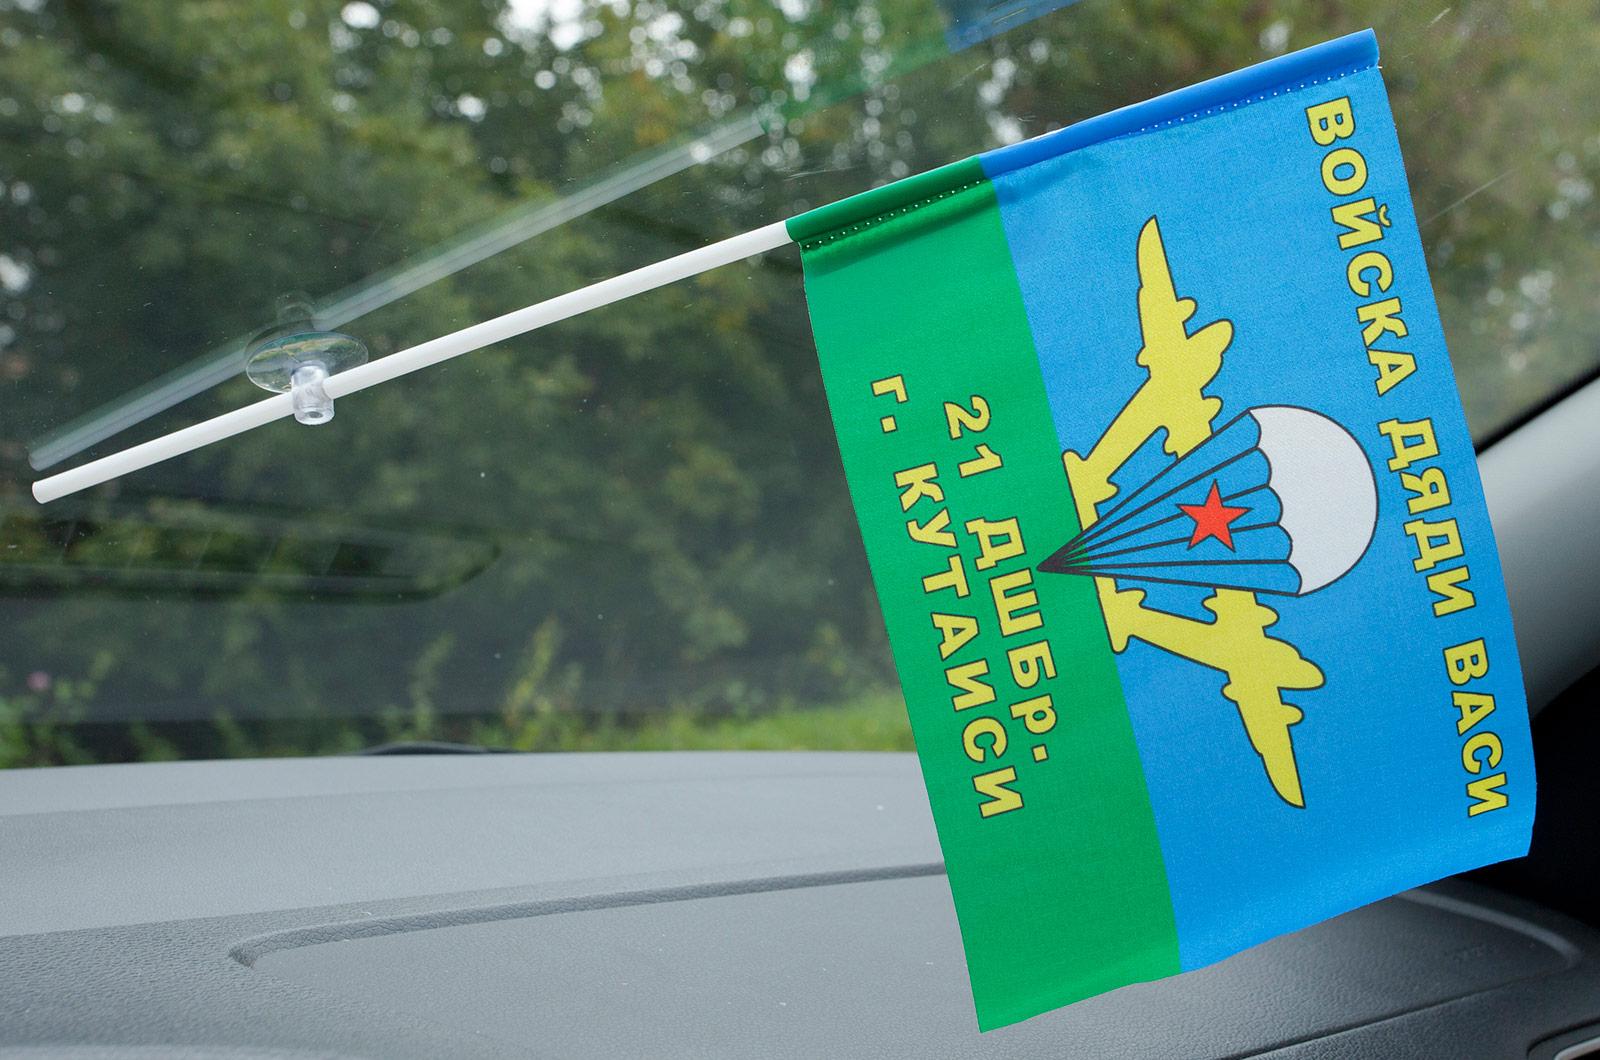 Флажок с присоской 21 ДШБр г. Кутаиси, купить флажки в машину